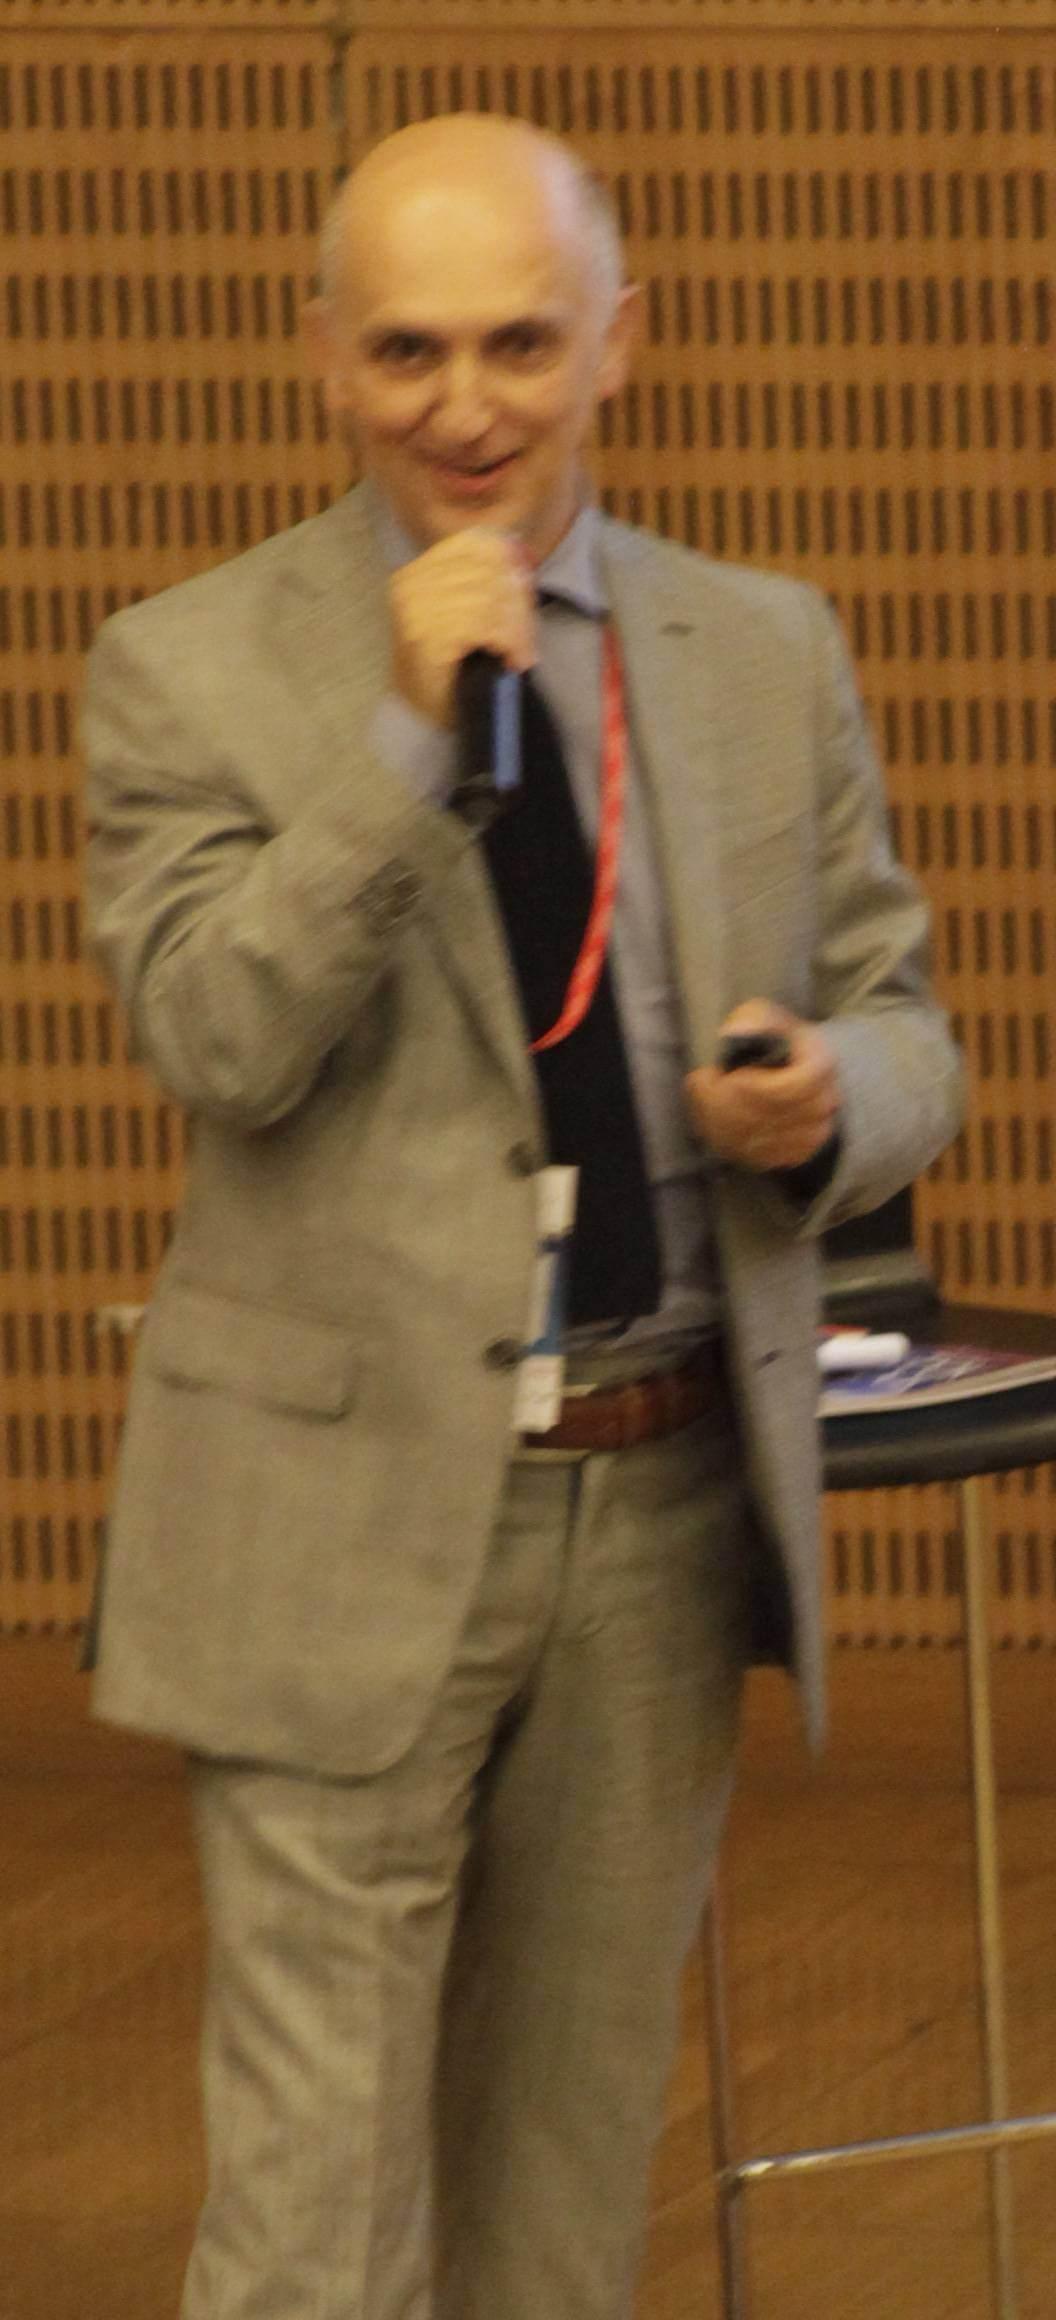 Enrico Restani